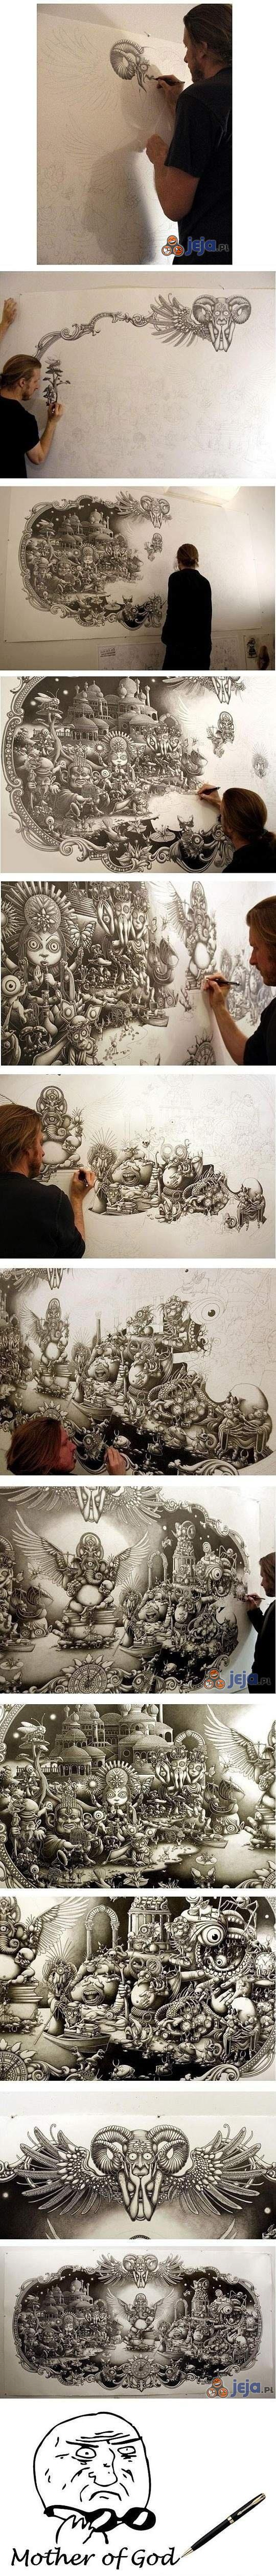 Sztuka spod zwykłego długopisu